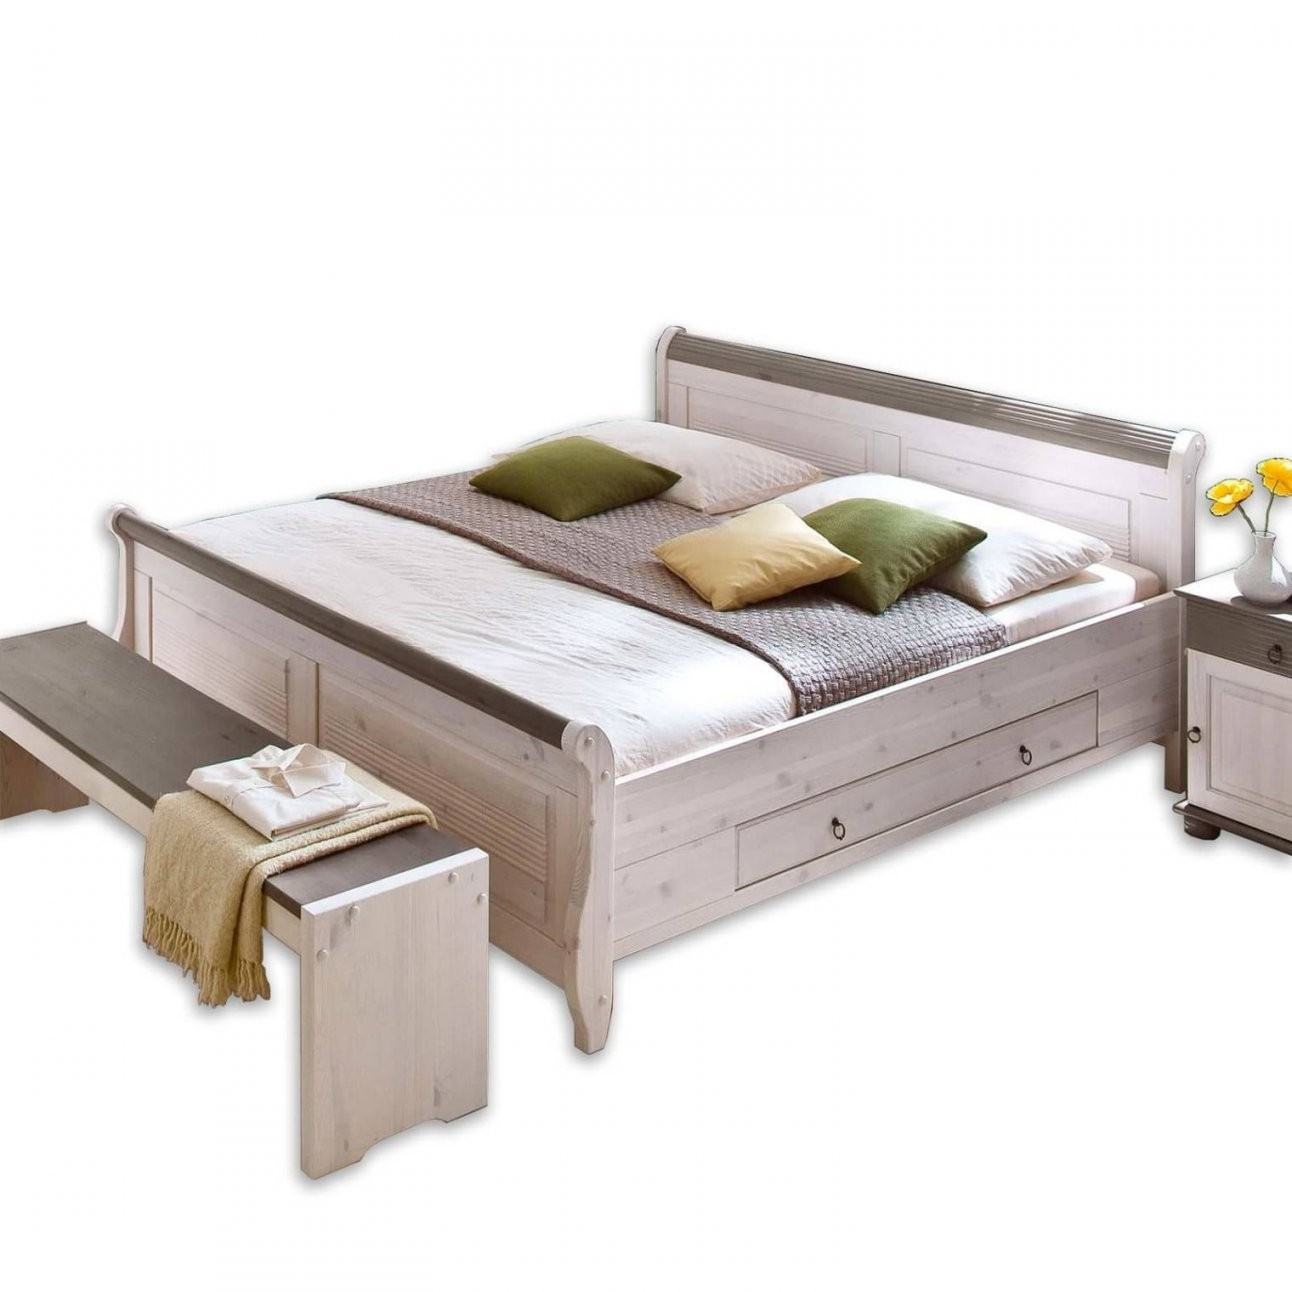 Matratzen Bei Roller Inspirierend Bett 120×200 Roller Luxus Beste von Matratze 120X200 Roller Photo